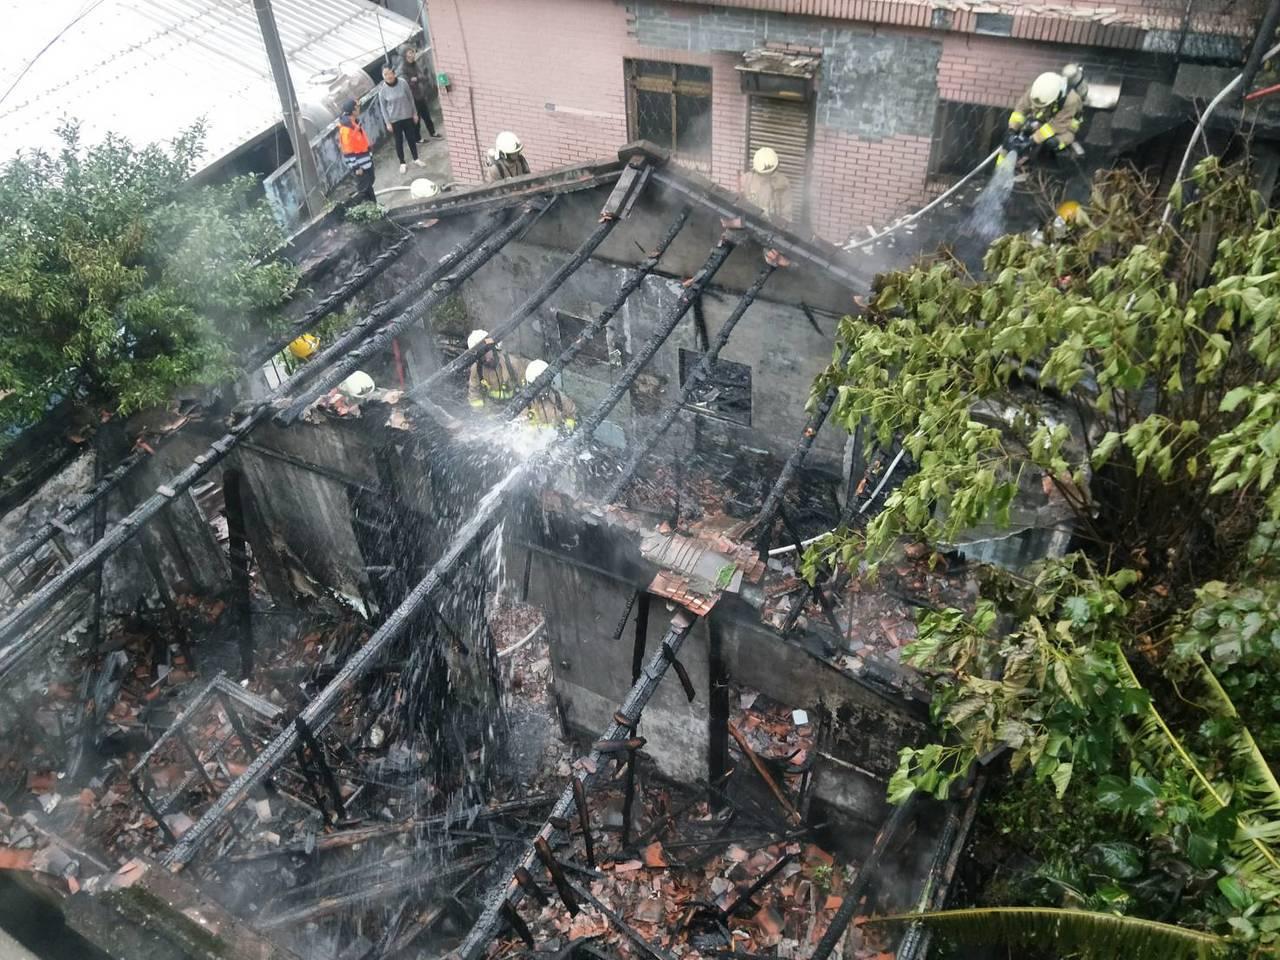 基隆中山二路空屋起火,火舌猛烈,起火原因可疑。记者游明煌/摄影